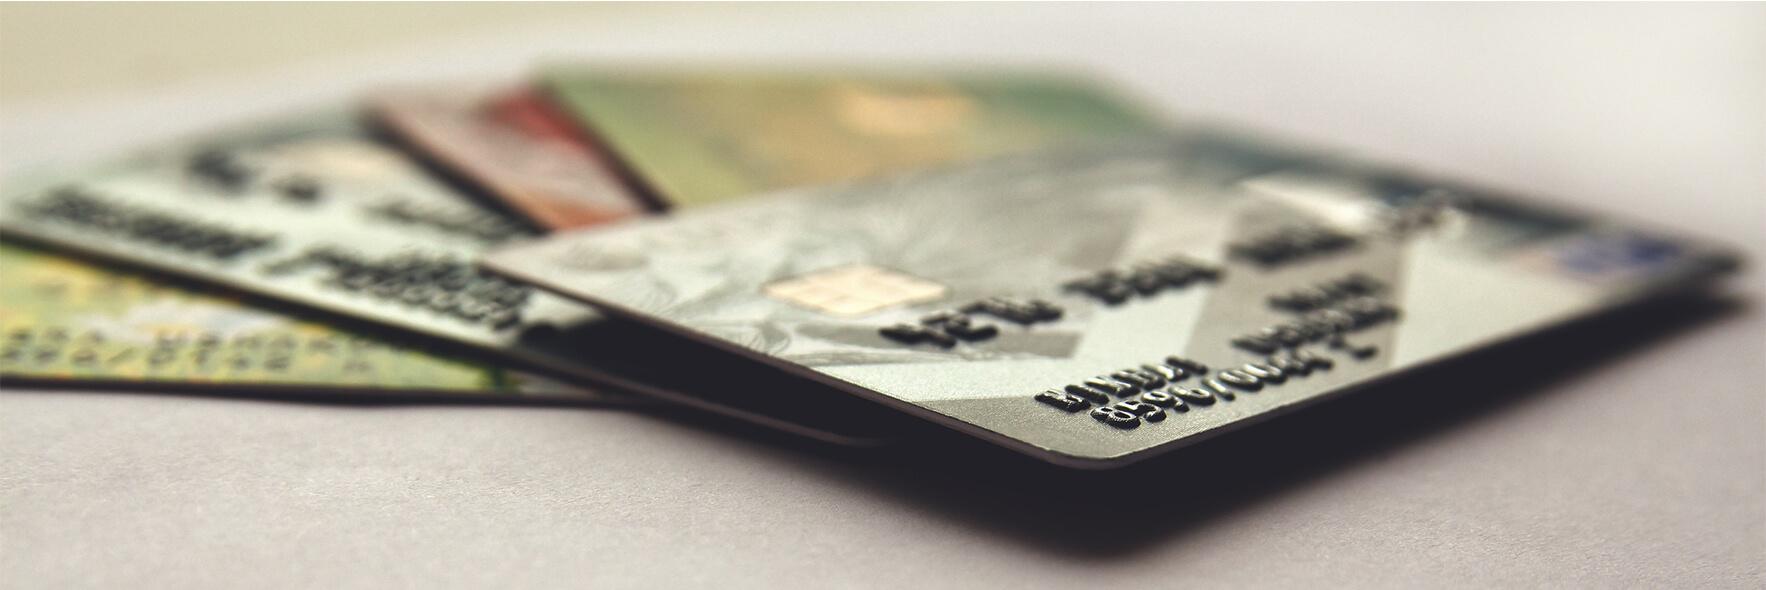 ratgeber mit kreditkarte bei otto bezahlen schritt f r schritt. Black Bedroom Furniture Sets. Home Design Ideas